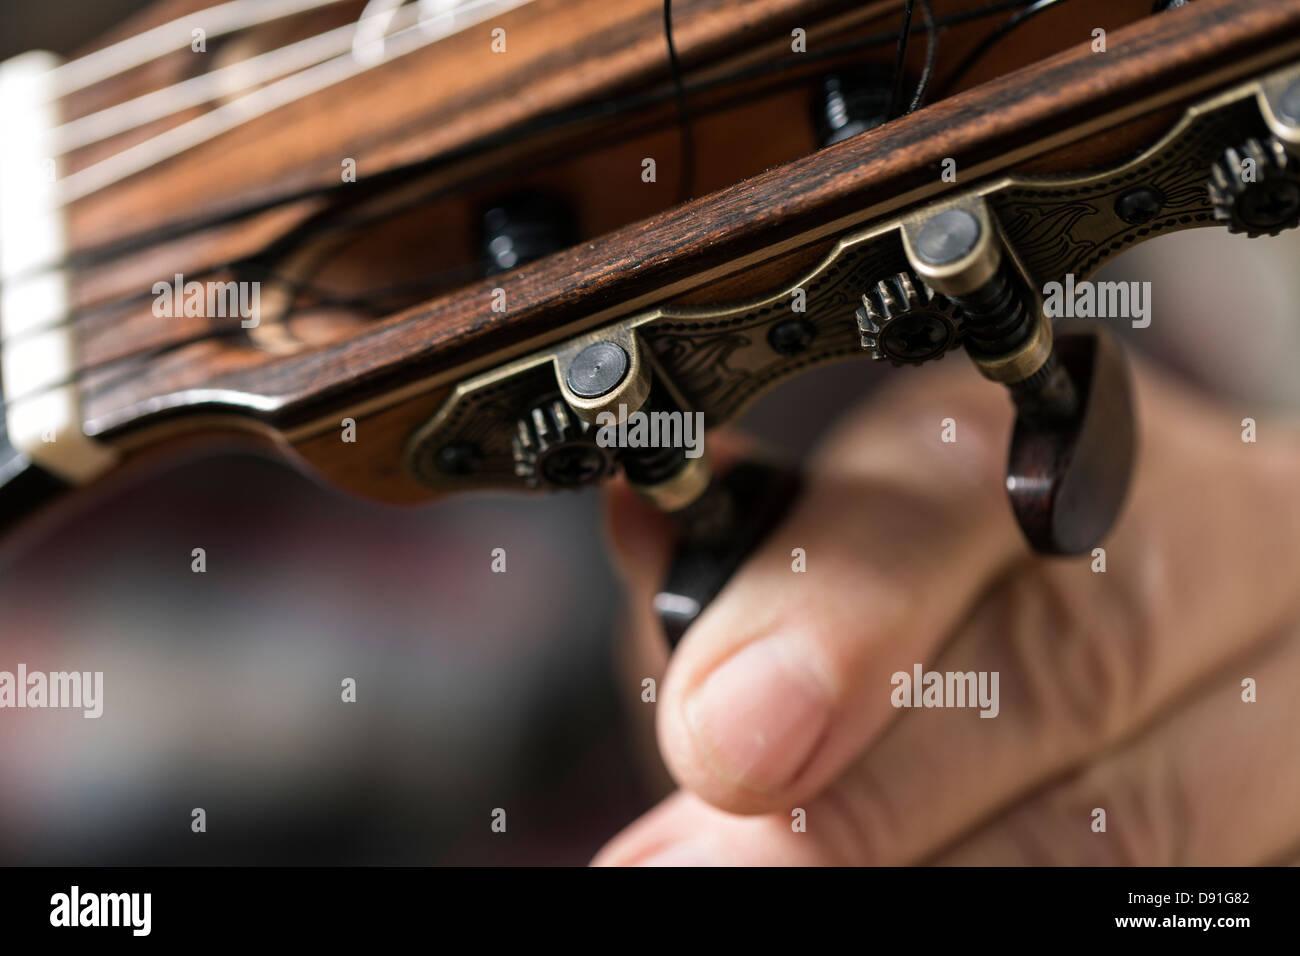 Cerca de guitarra maker la optimización y las pruebas de guitarra acústica en taller Imagen De Stock